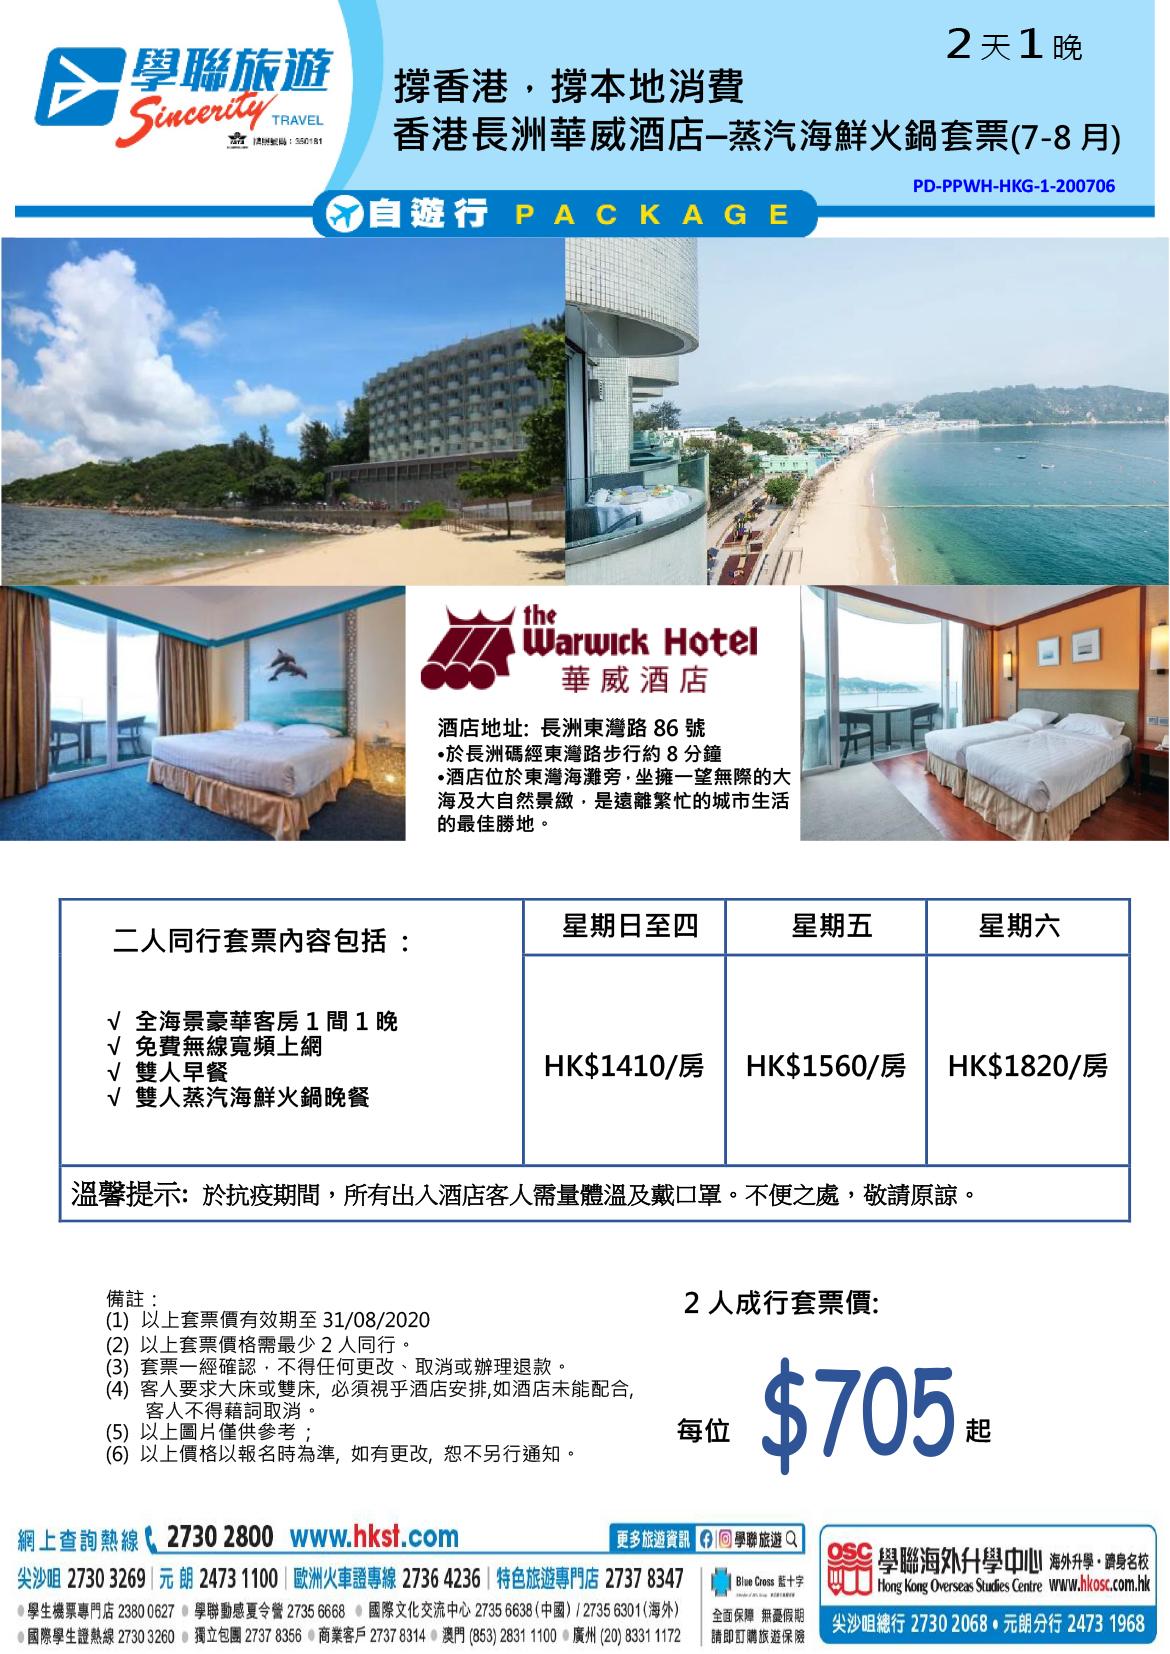 長洲華威酒店---蒸汽海鮮火鍋套票-(香港)-2天1晚套票-(HKG)-PPWH.jpg